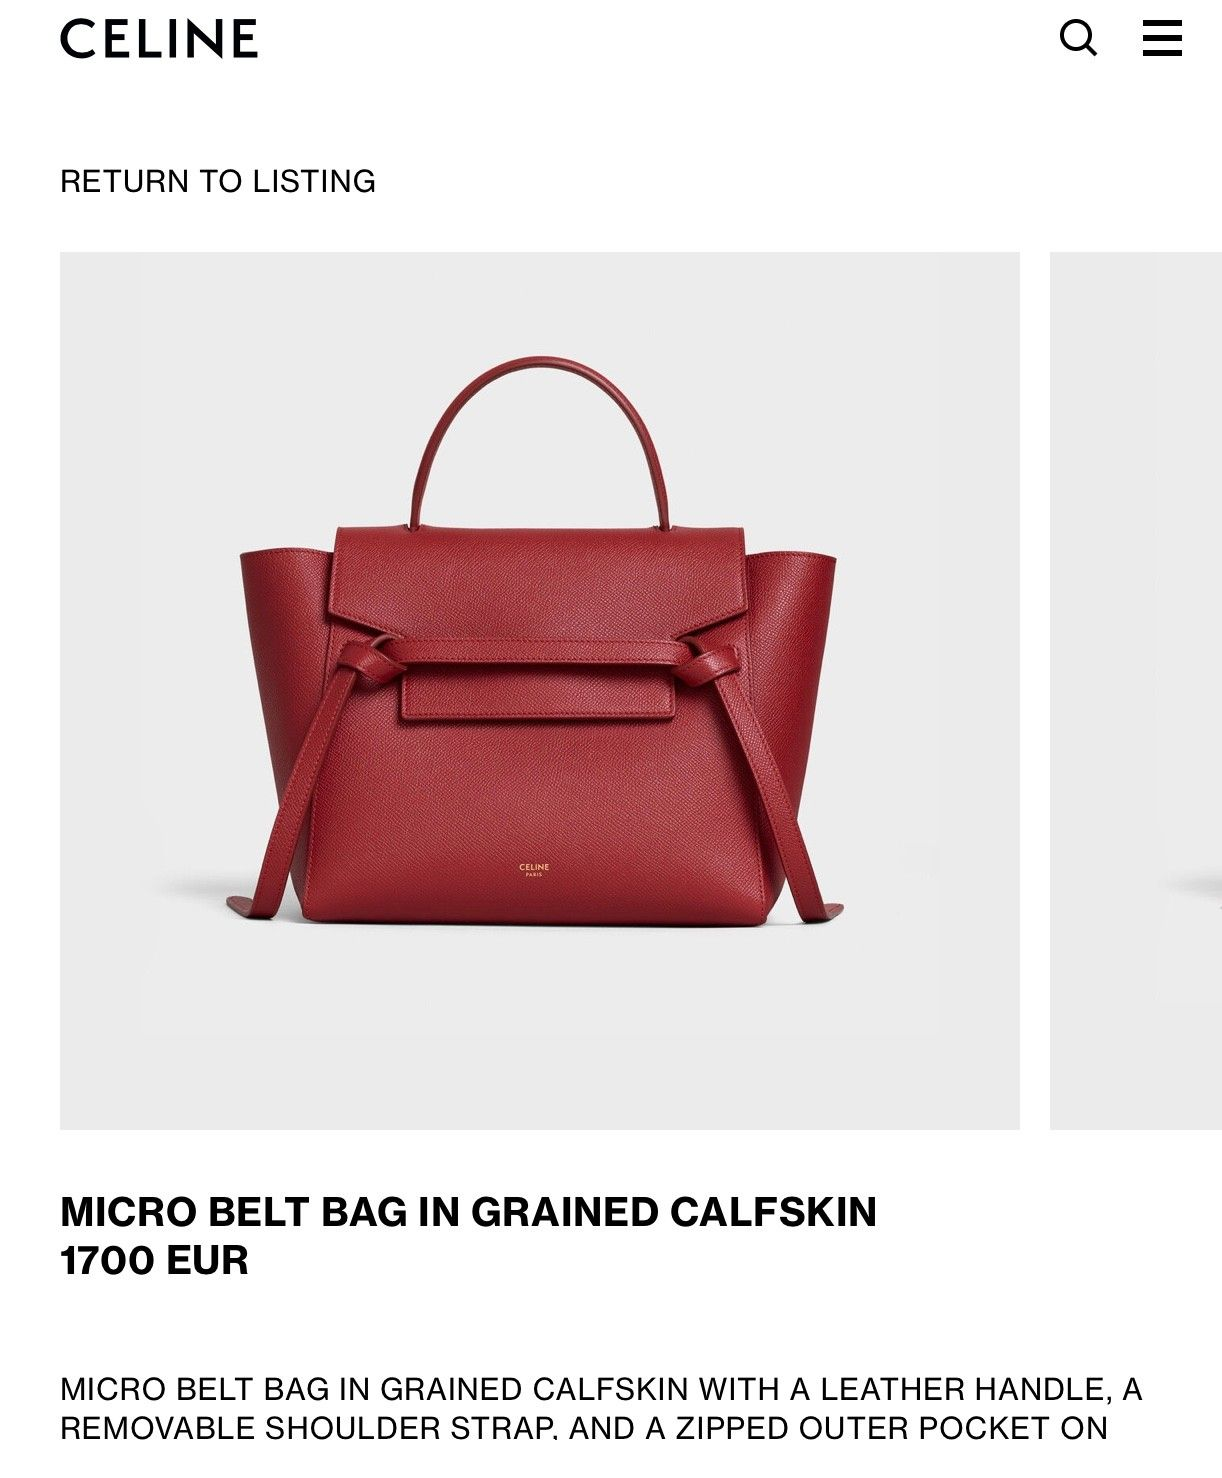 Celine Belt Bag | FINN.no